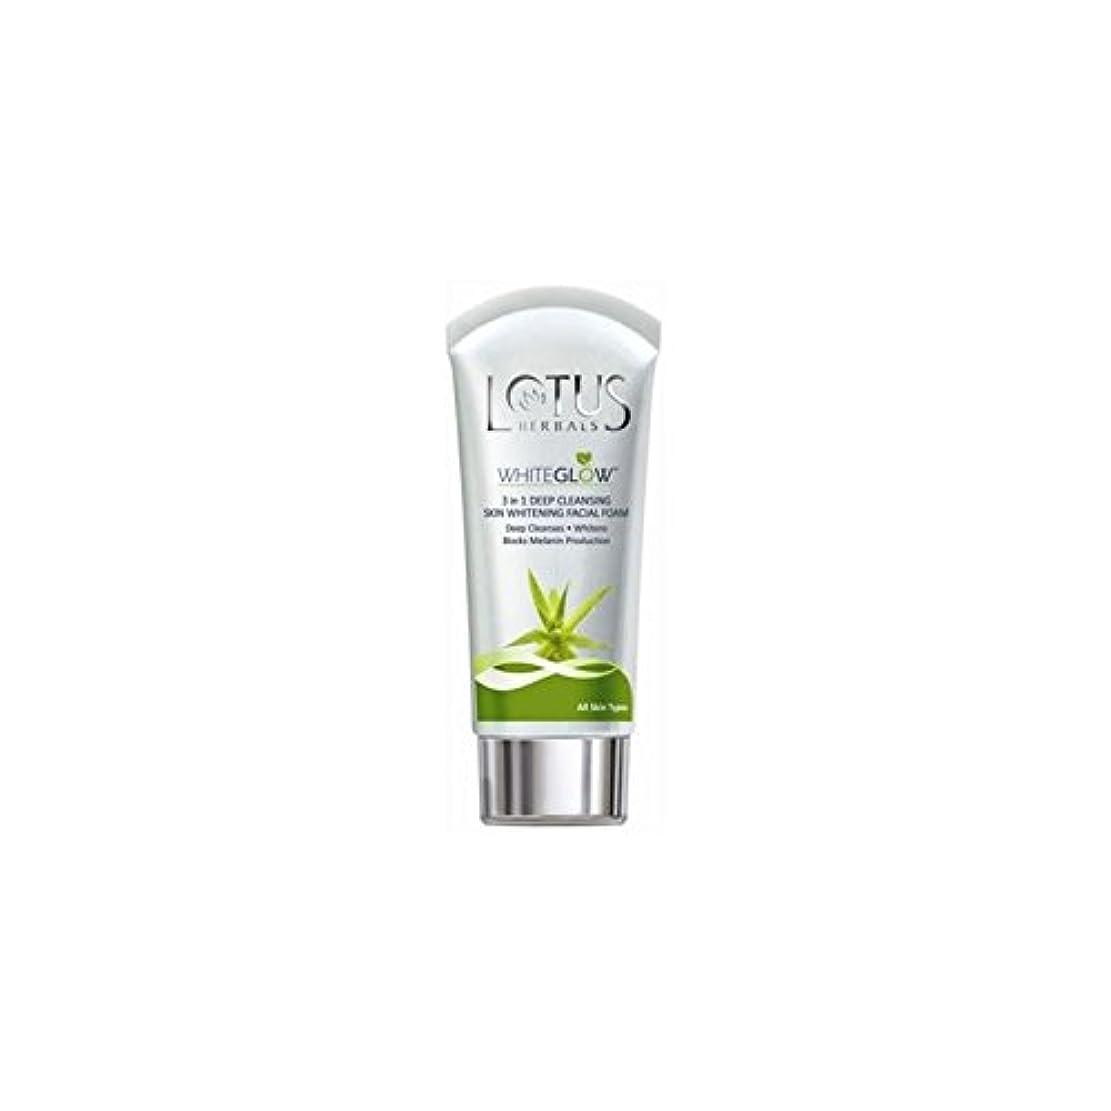 ヨーロッパむしゃむしゃおしゃれなLotus Herbals 3-in-1 Deep Cleansing Skin Whitening Facial Foam - Whiteglow 50g